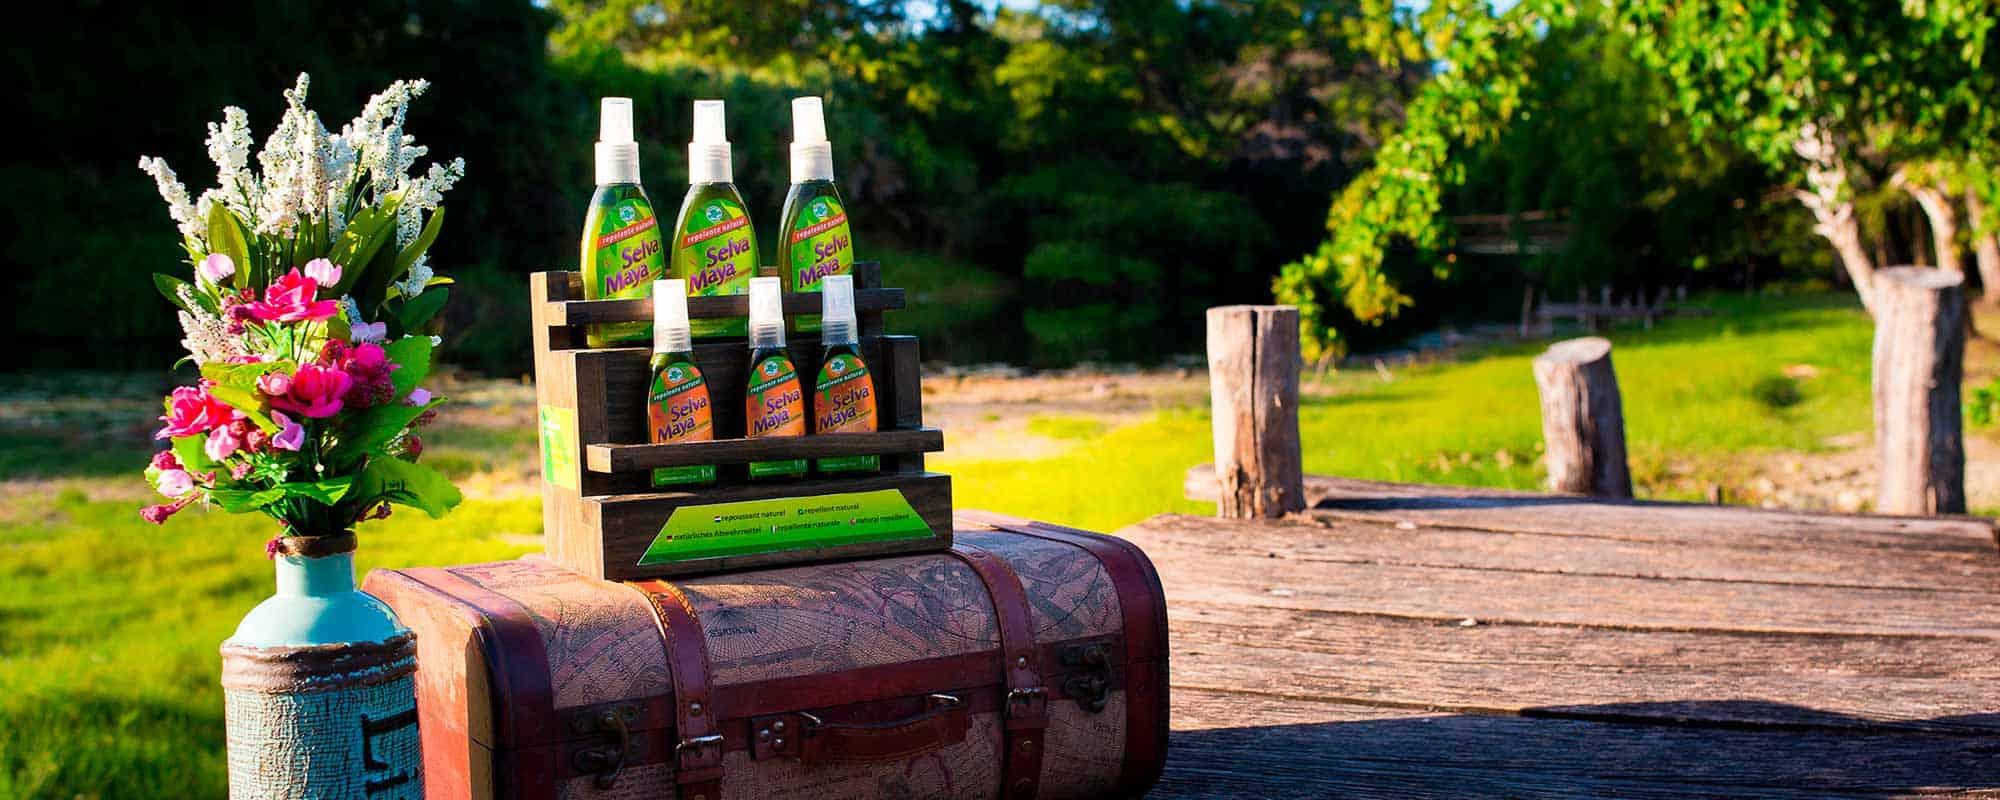 Varias botellas del Repelente Natural y Ecológico Selva Maya útil contra insectos y mosquitos